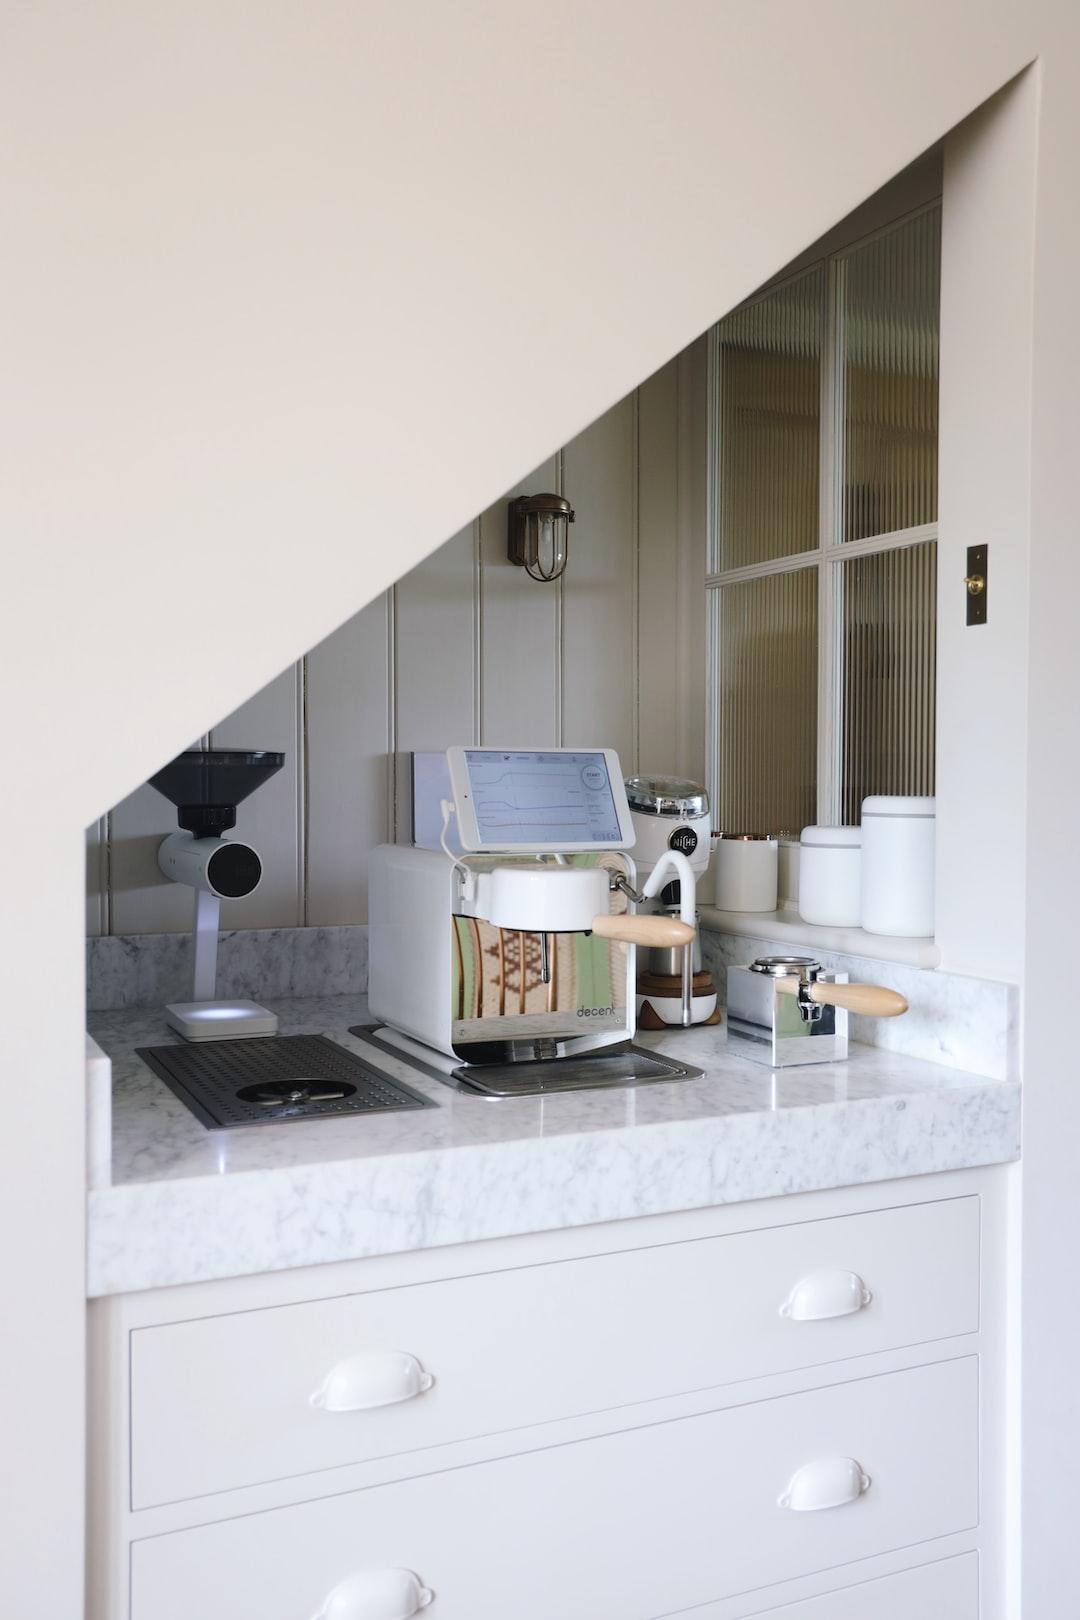 Decent Espresso - Home Barista Setup